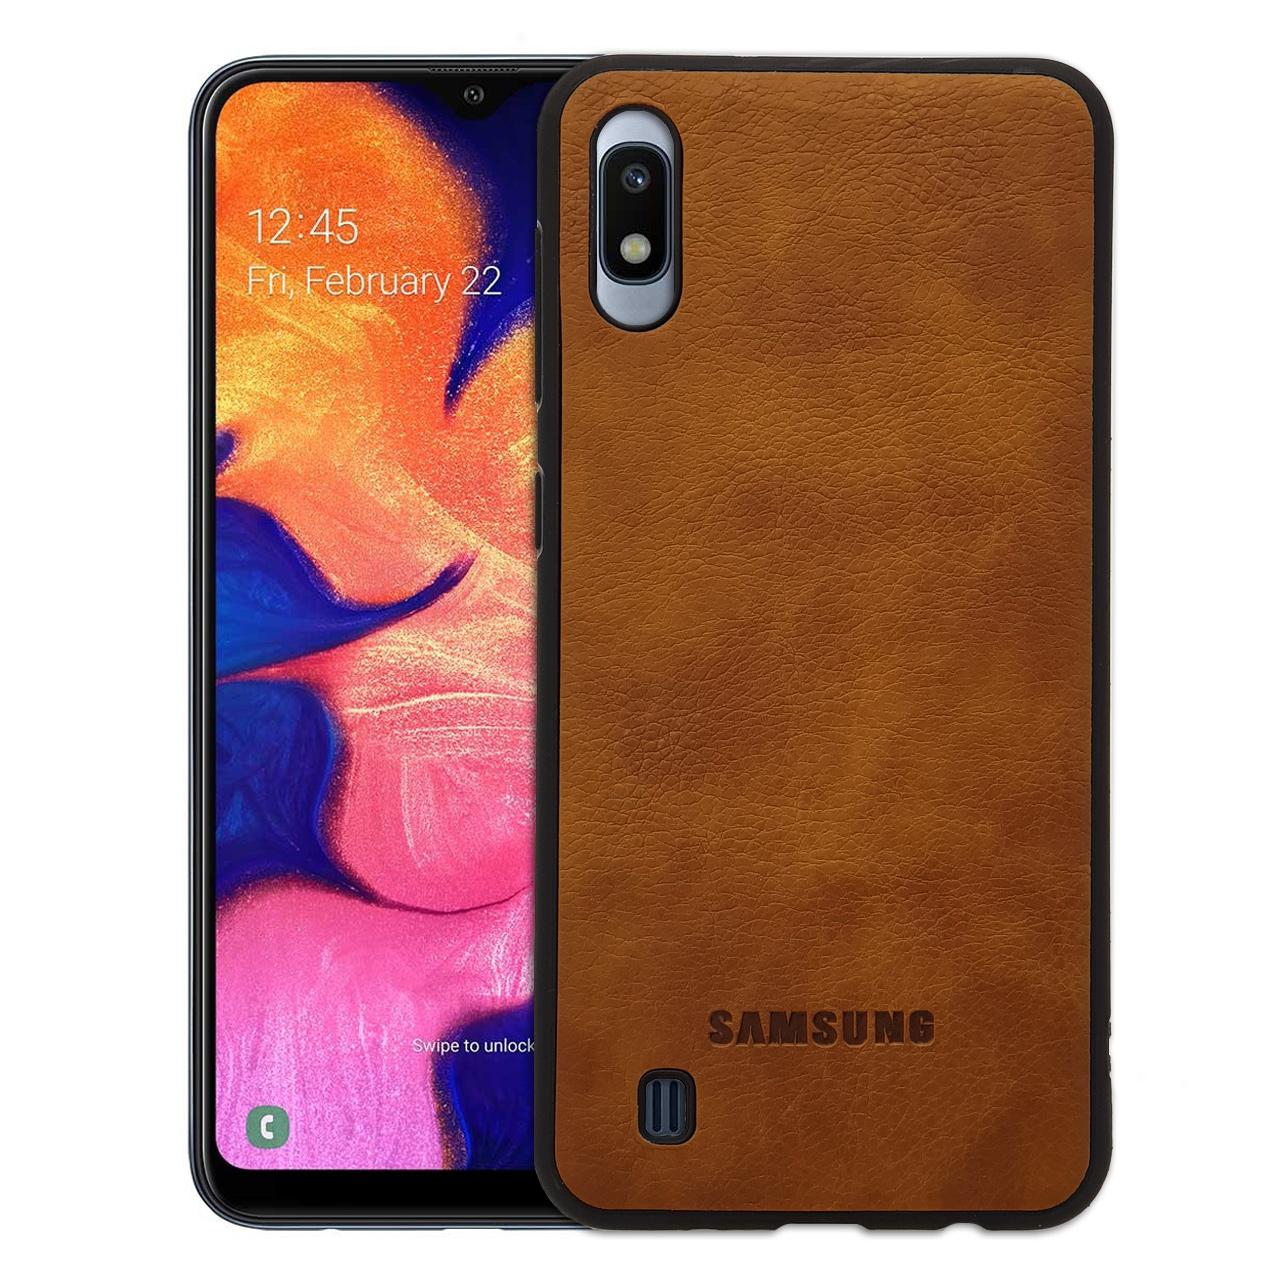 کاور دکین مدل SA-L1 مناسب برای گوشی موبایل سامسونگ Galaxy A10